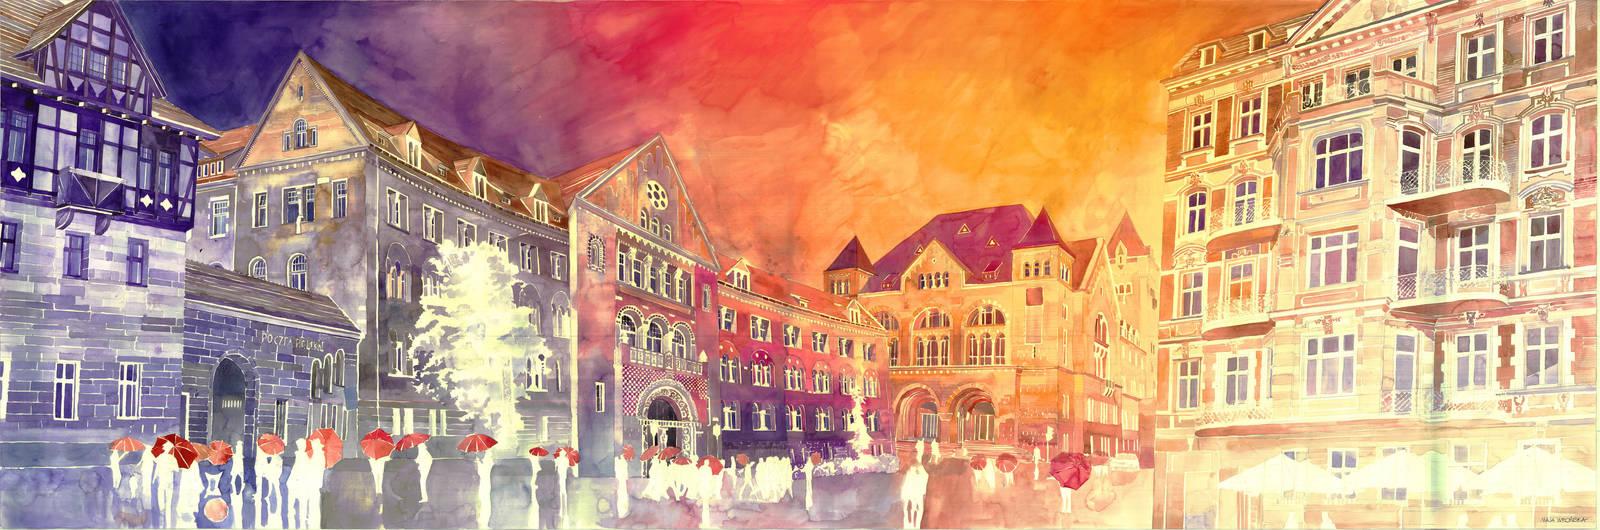 Sunset in Poznan by takmaj